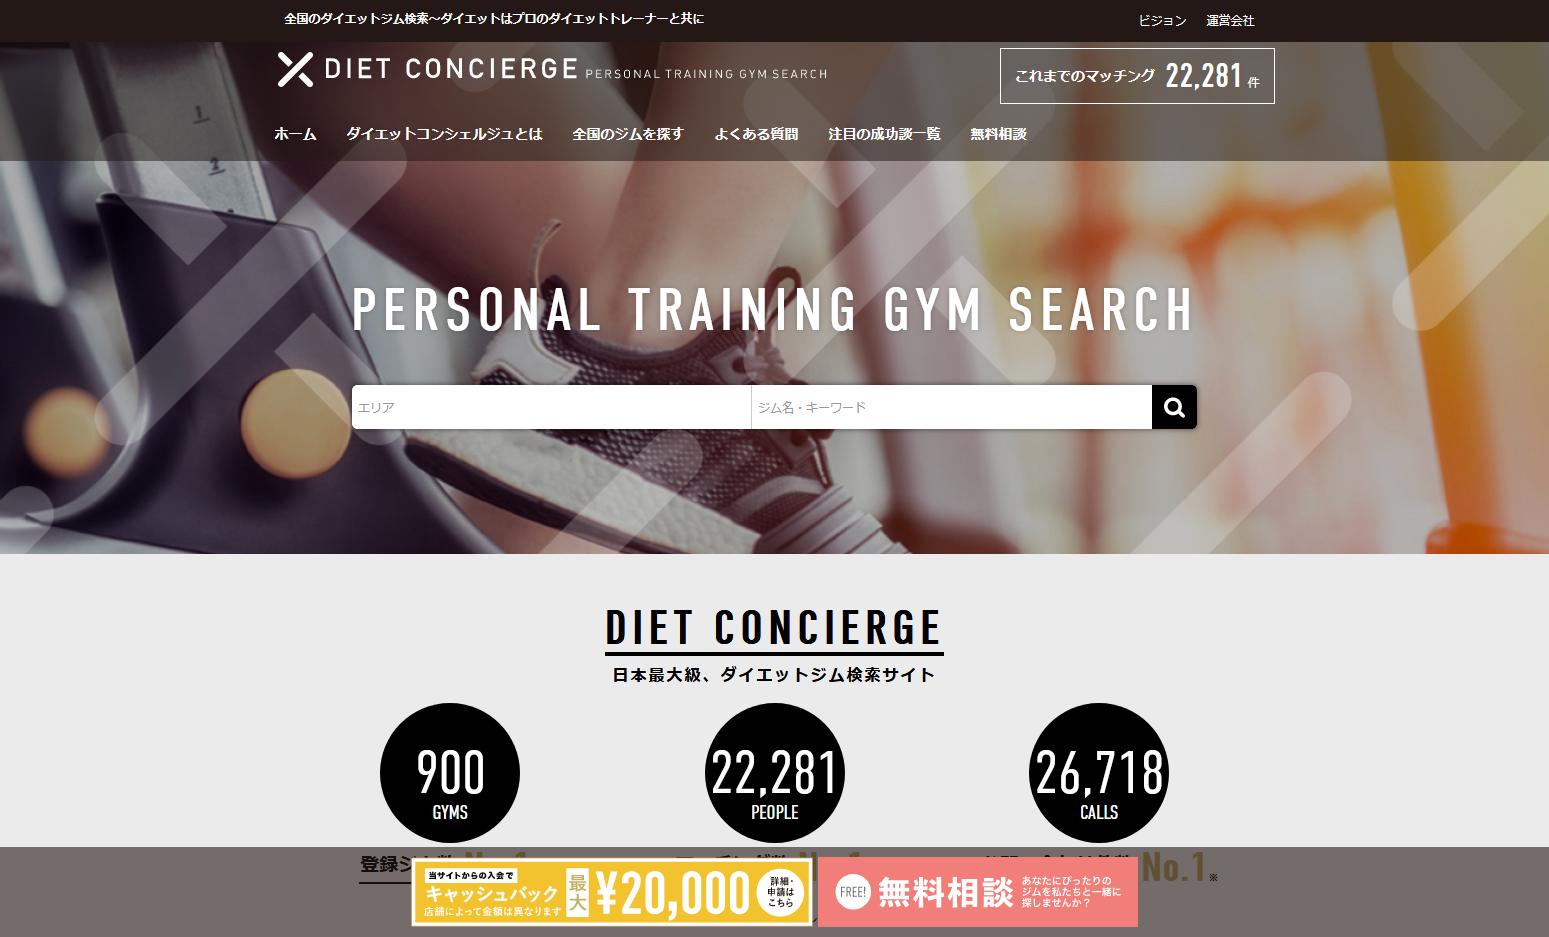 ダイエットコンシェルジュ - パーソナルトレーニングジムの検索・予約・比較サイト